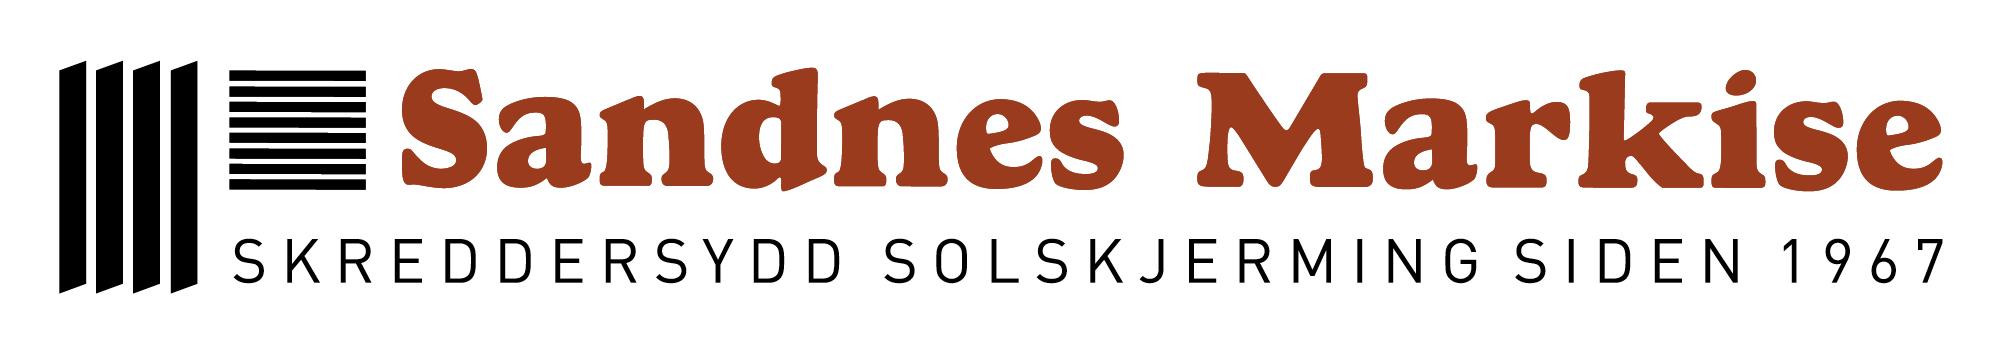 Sandnes Markise